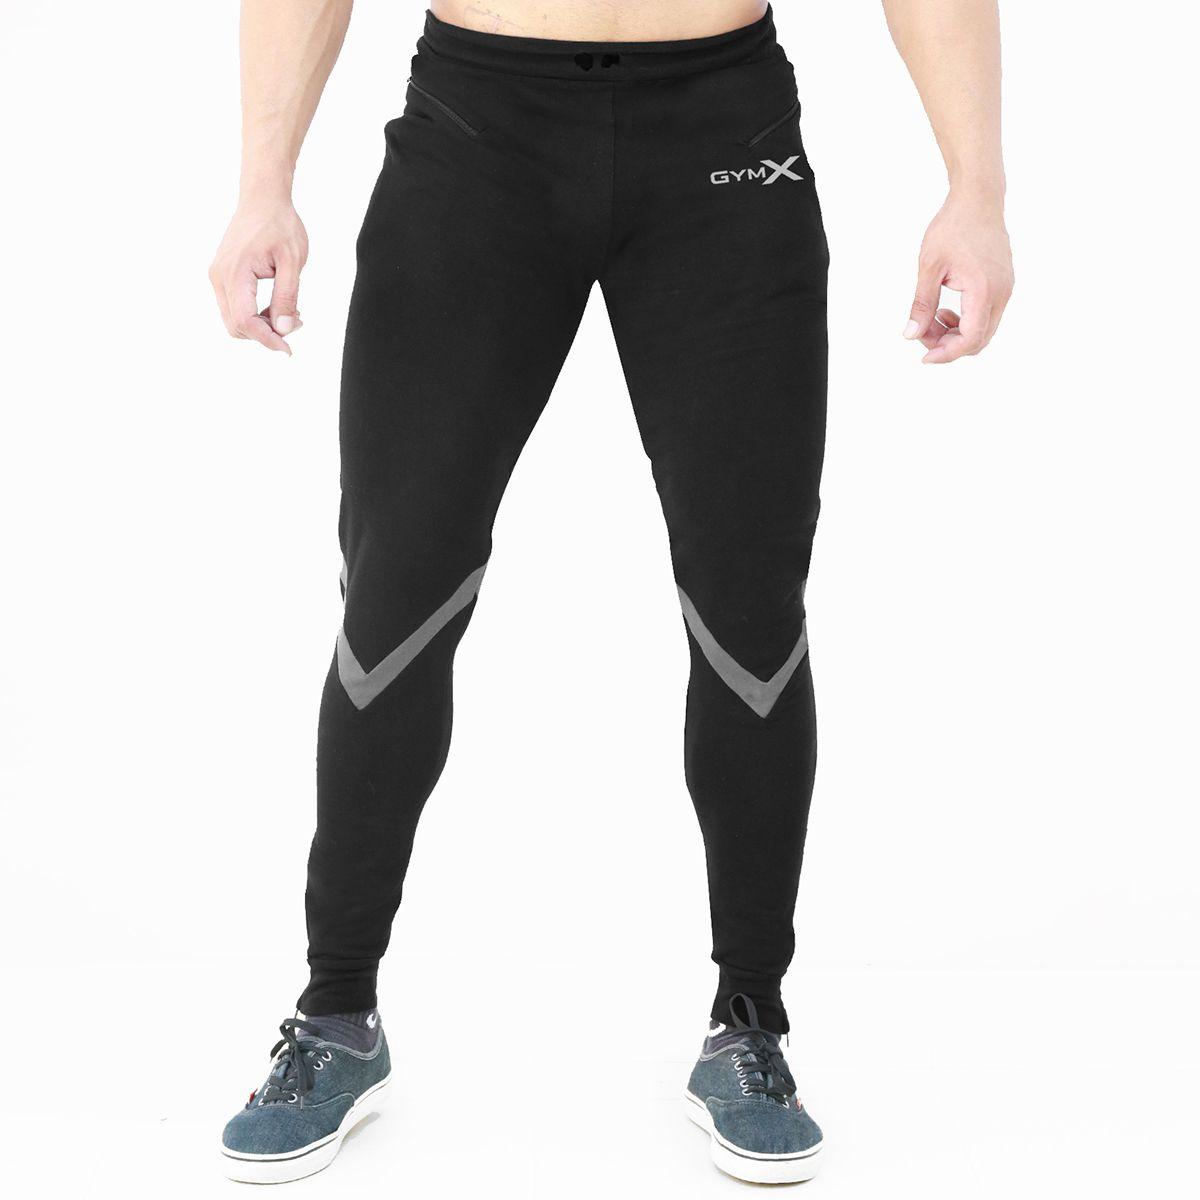 GymX Mens Valour Iconic Black Sweatpants (Flex Fit)